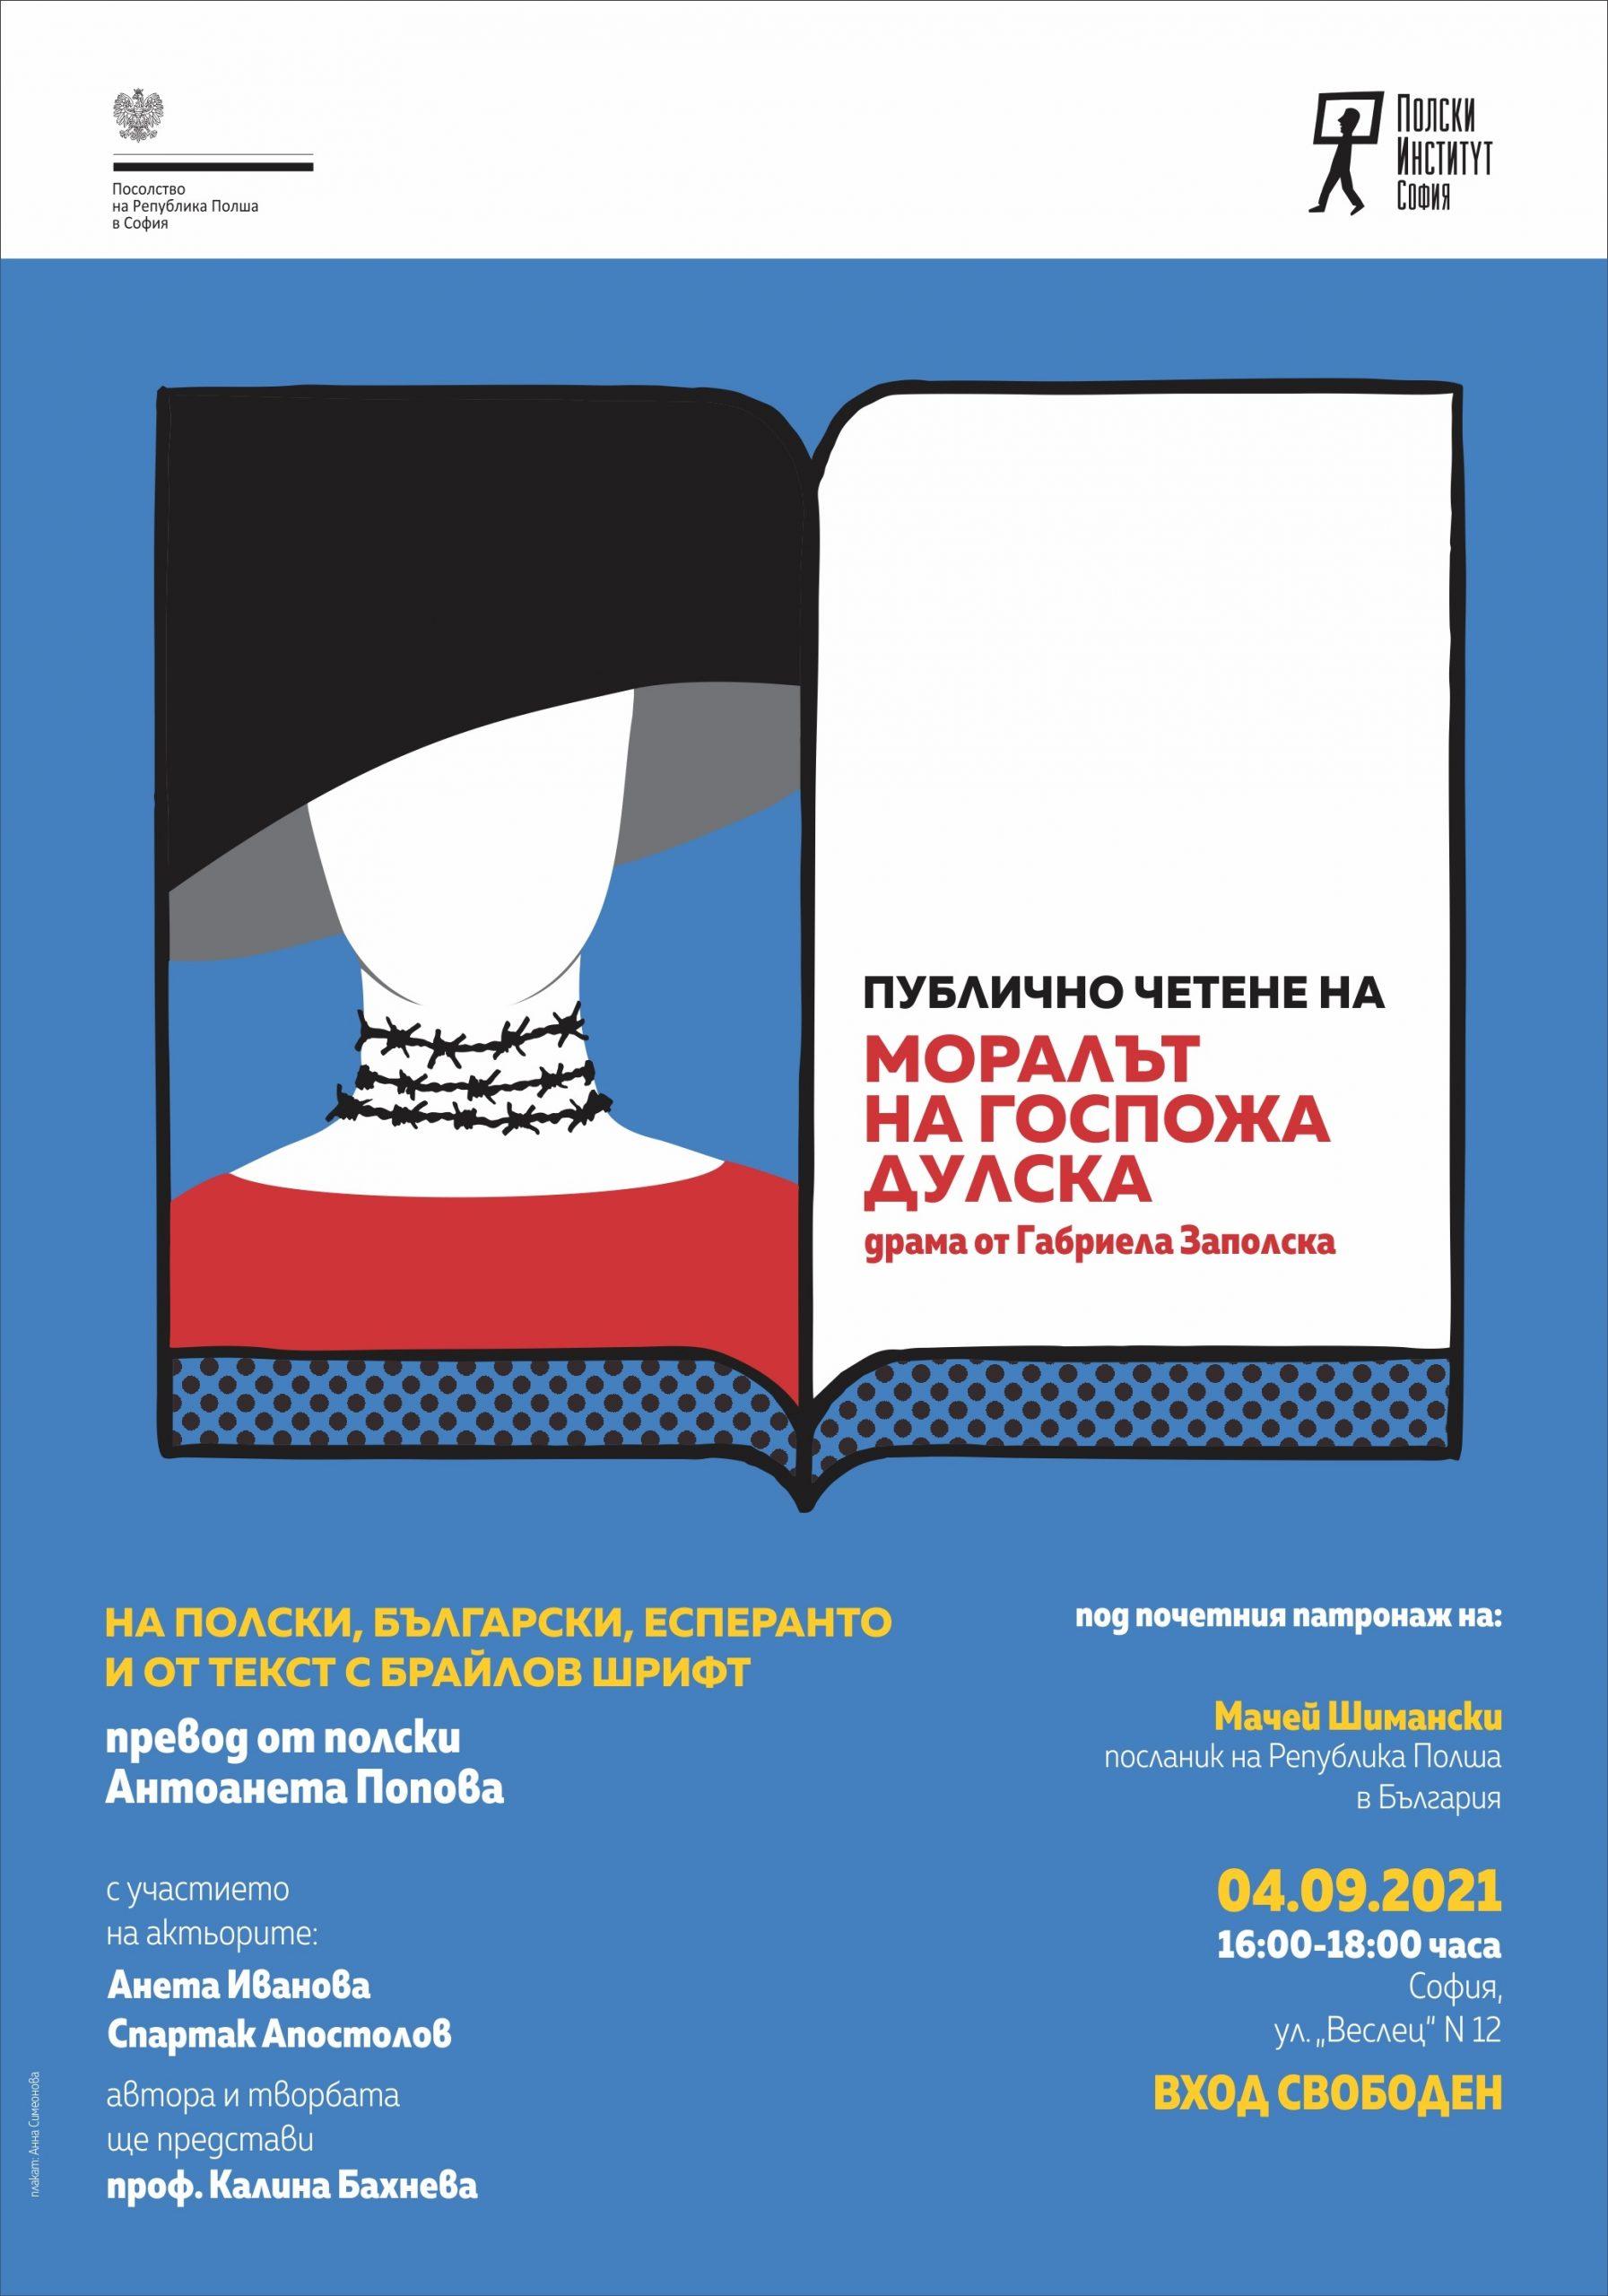 """Публично четене на драмата """"Моралът на г-жа Дулска"""" на Габриела Заполска на полски и български език, на есперанто и с помощта на Брайловата азбука"""